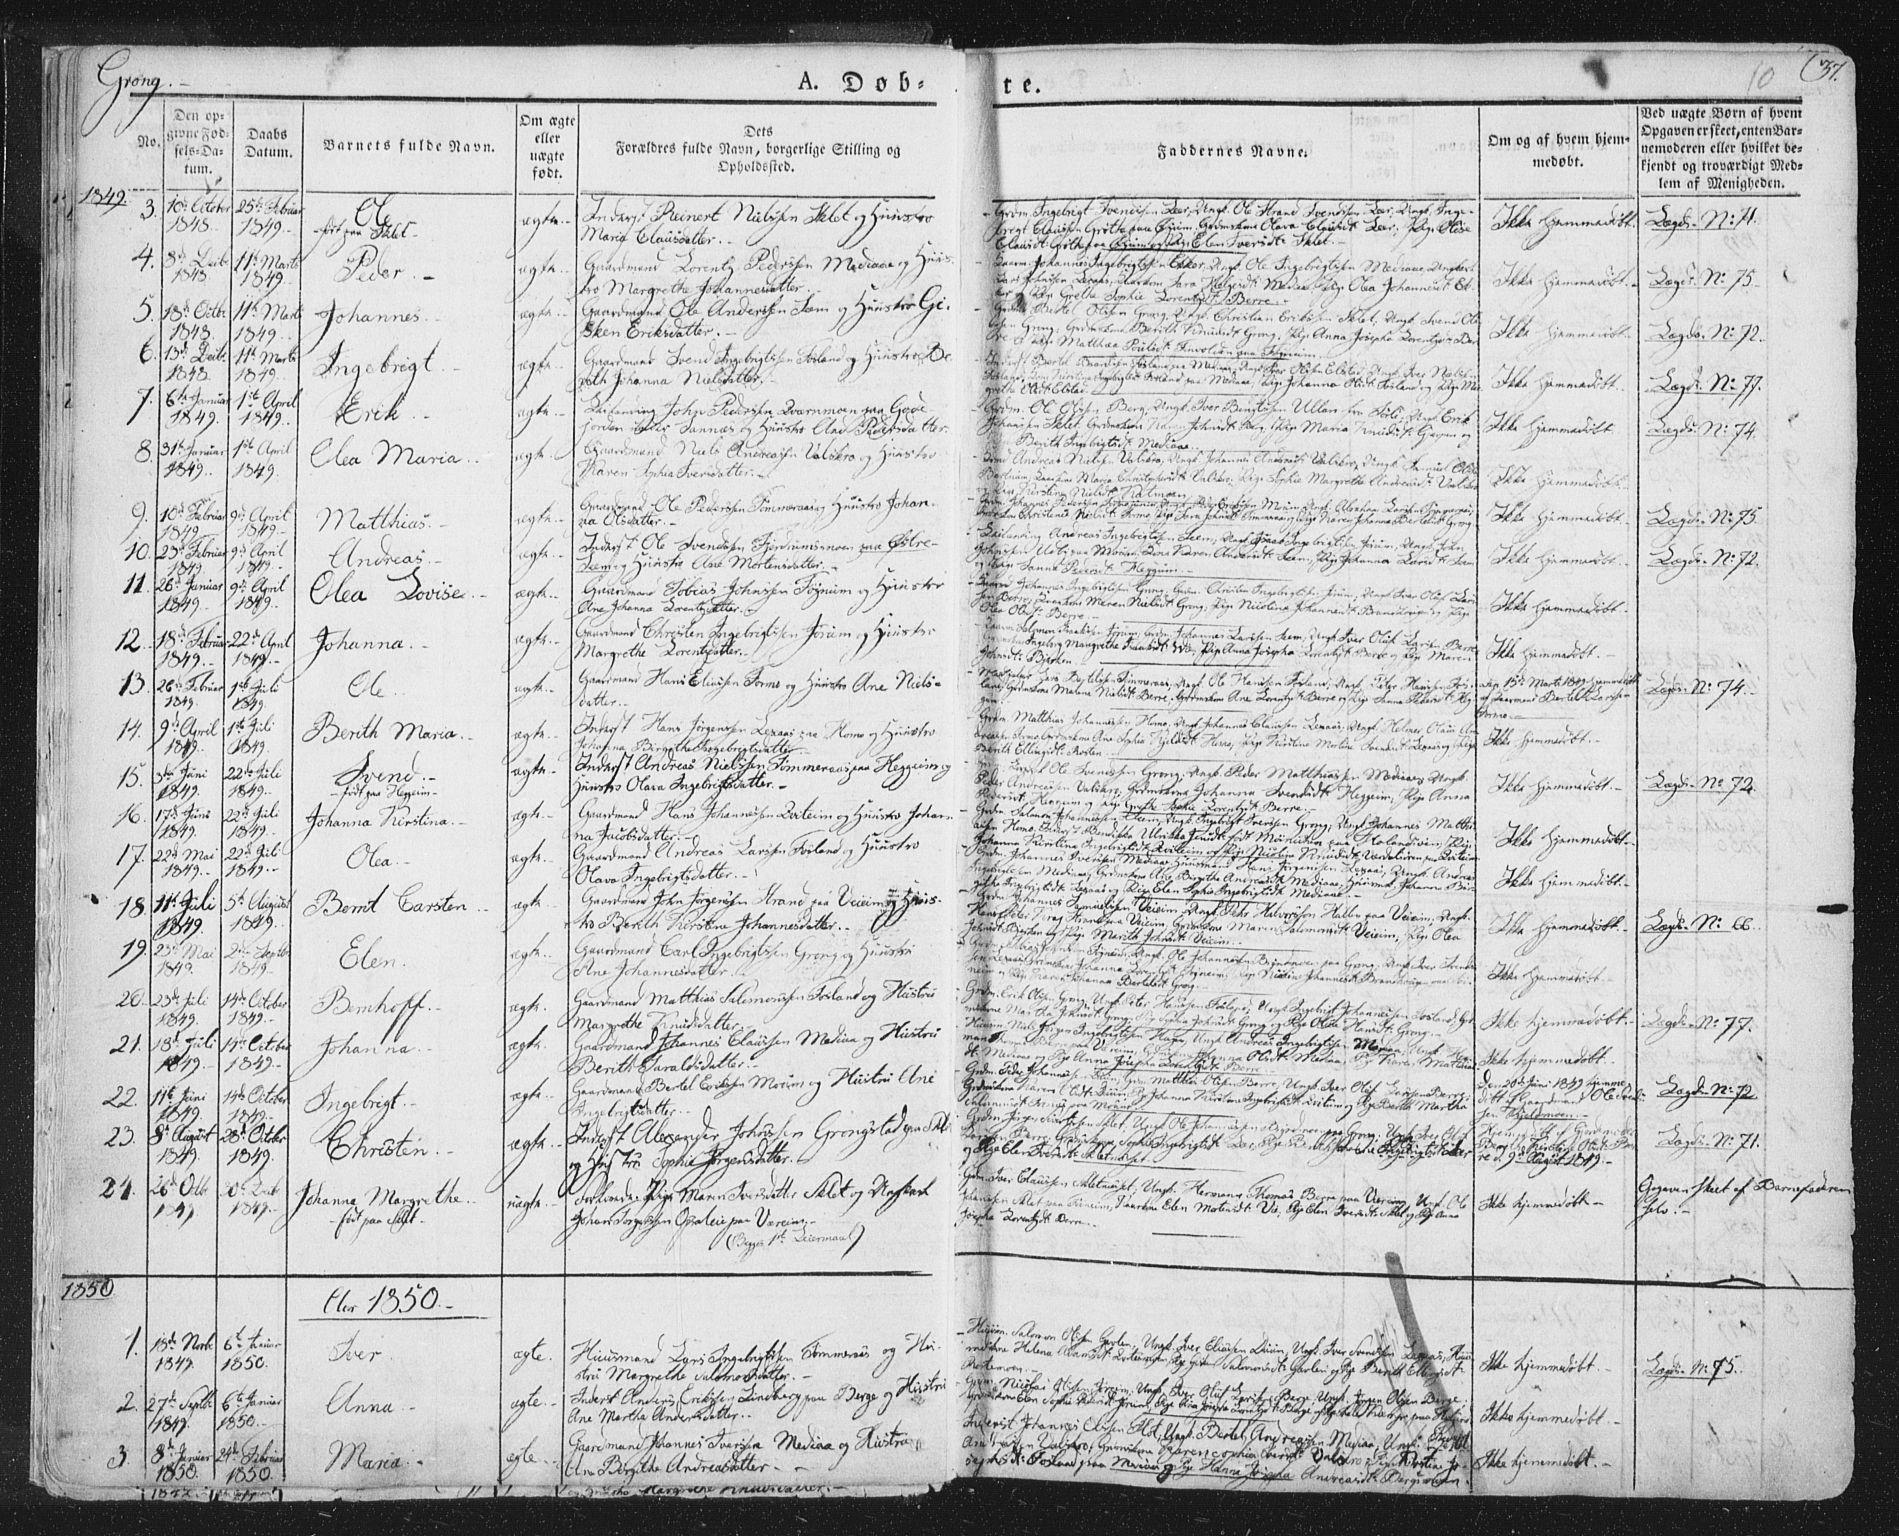 SAT, Ministerialprotokoller, klokkerbøker og fødselsregistre - Nord-Trøndelag, 758/L0513: Ministerialbok nr. 758A02 /1, 1839-1868, s. 10